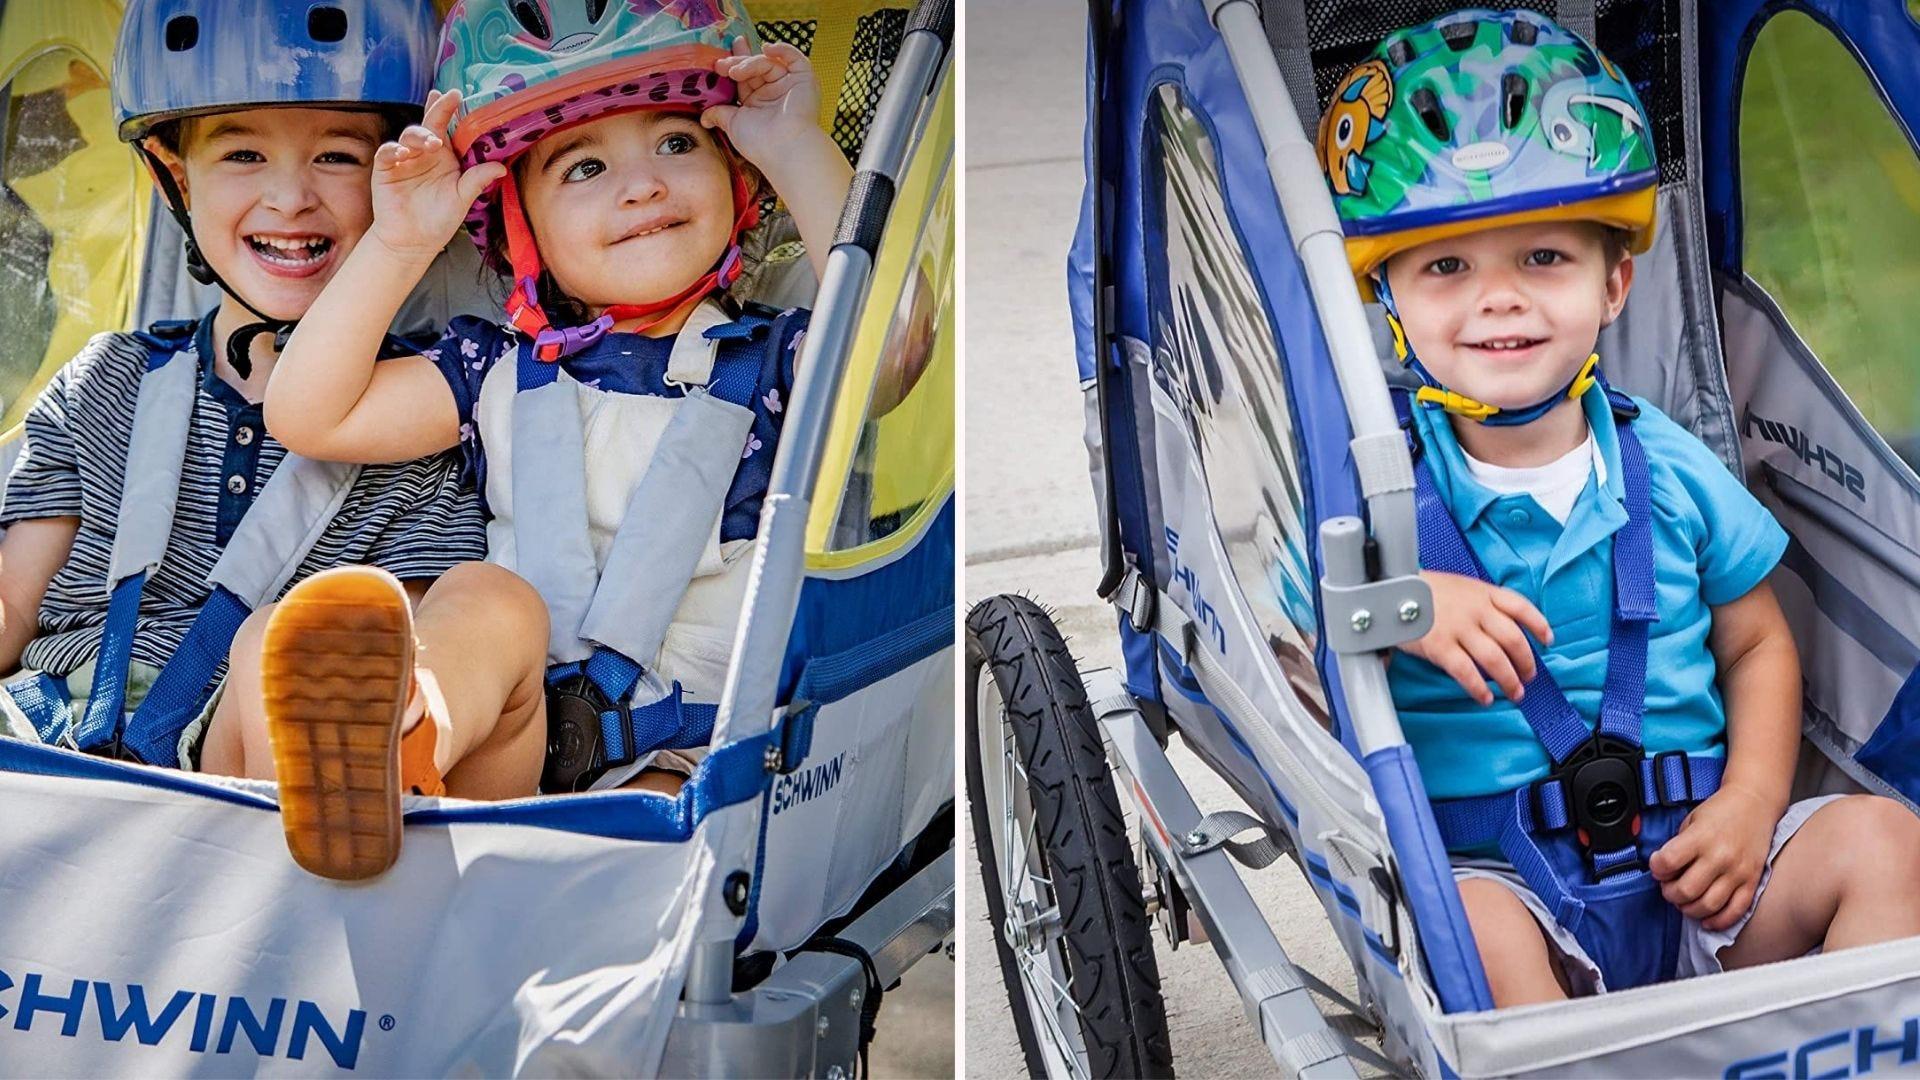 صورتان لأطفال يركبون مقطورة شوين تريل بليزر. على اليسار مقعد مزدوج والصورة على اليمين مقعد.